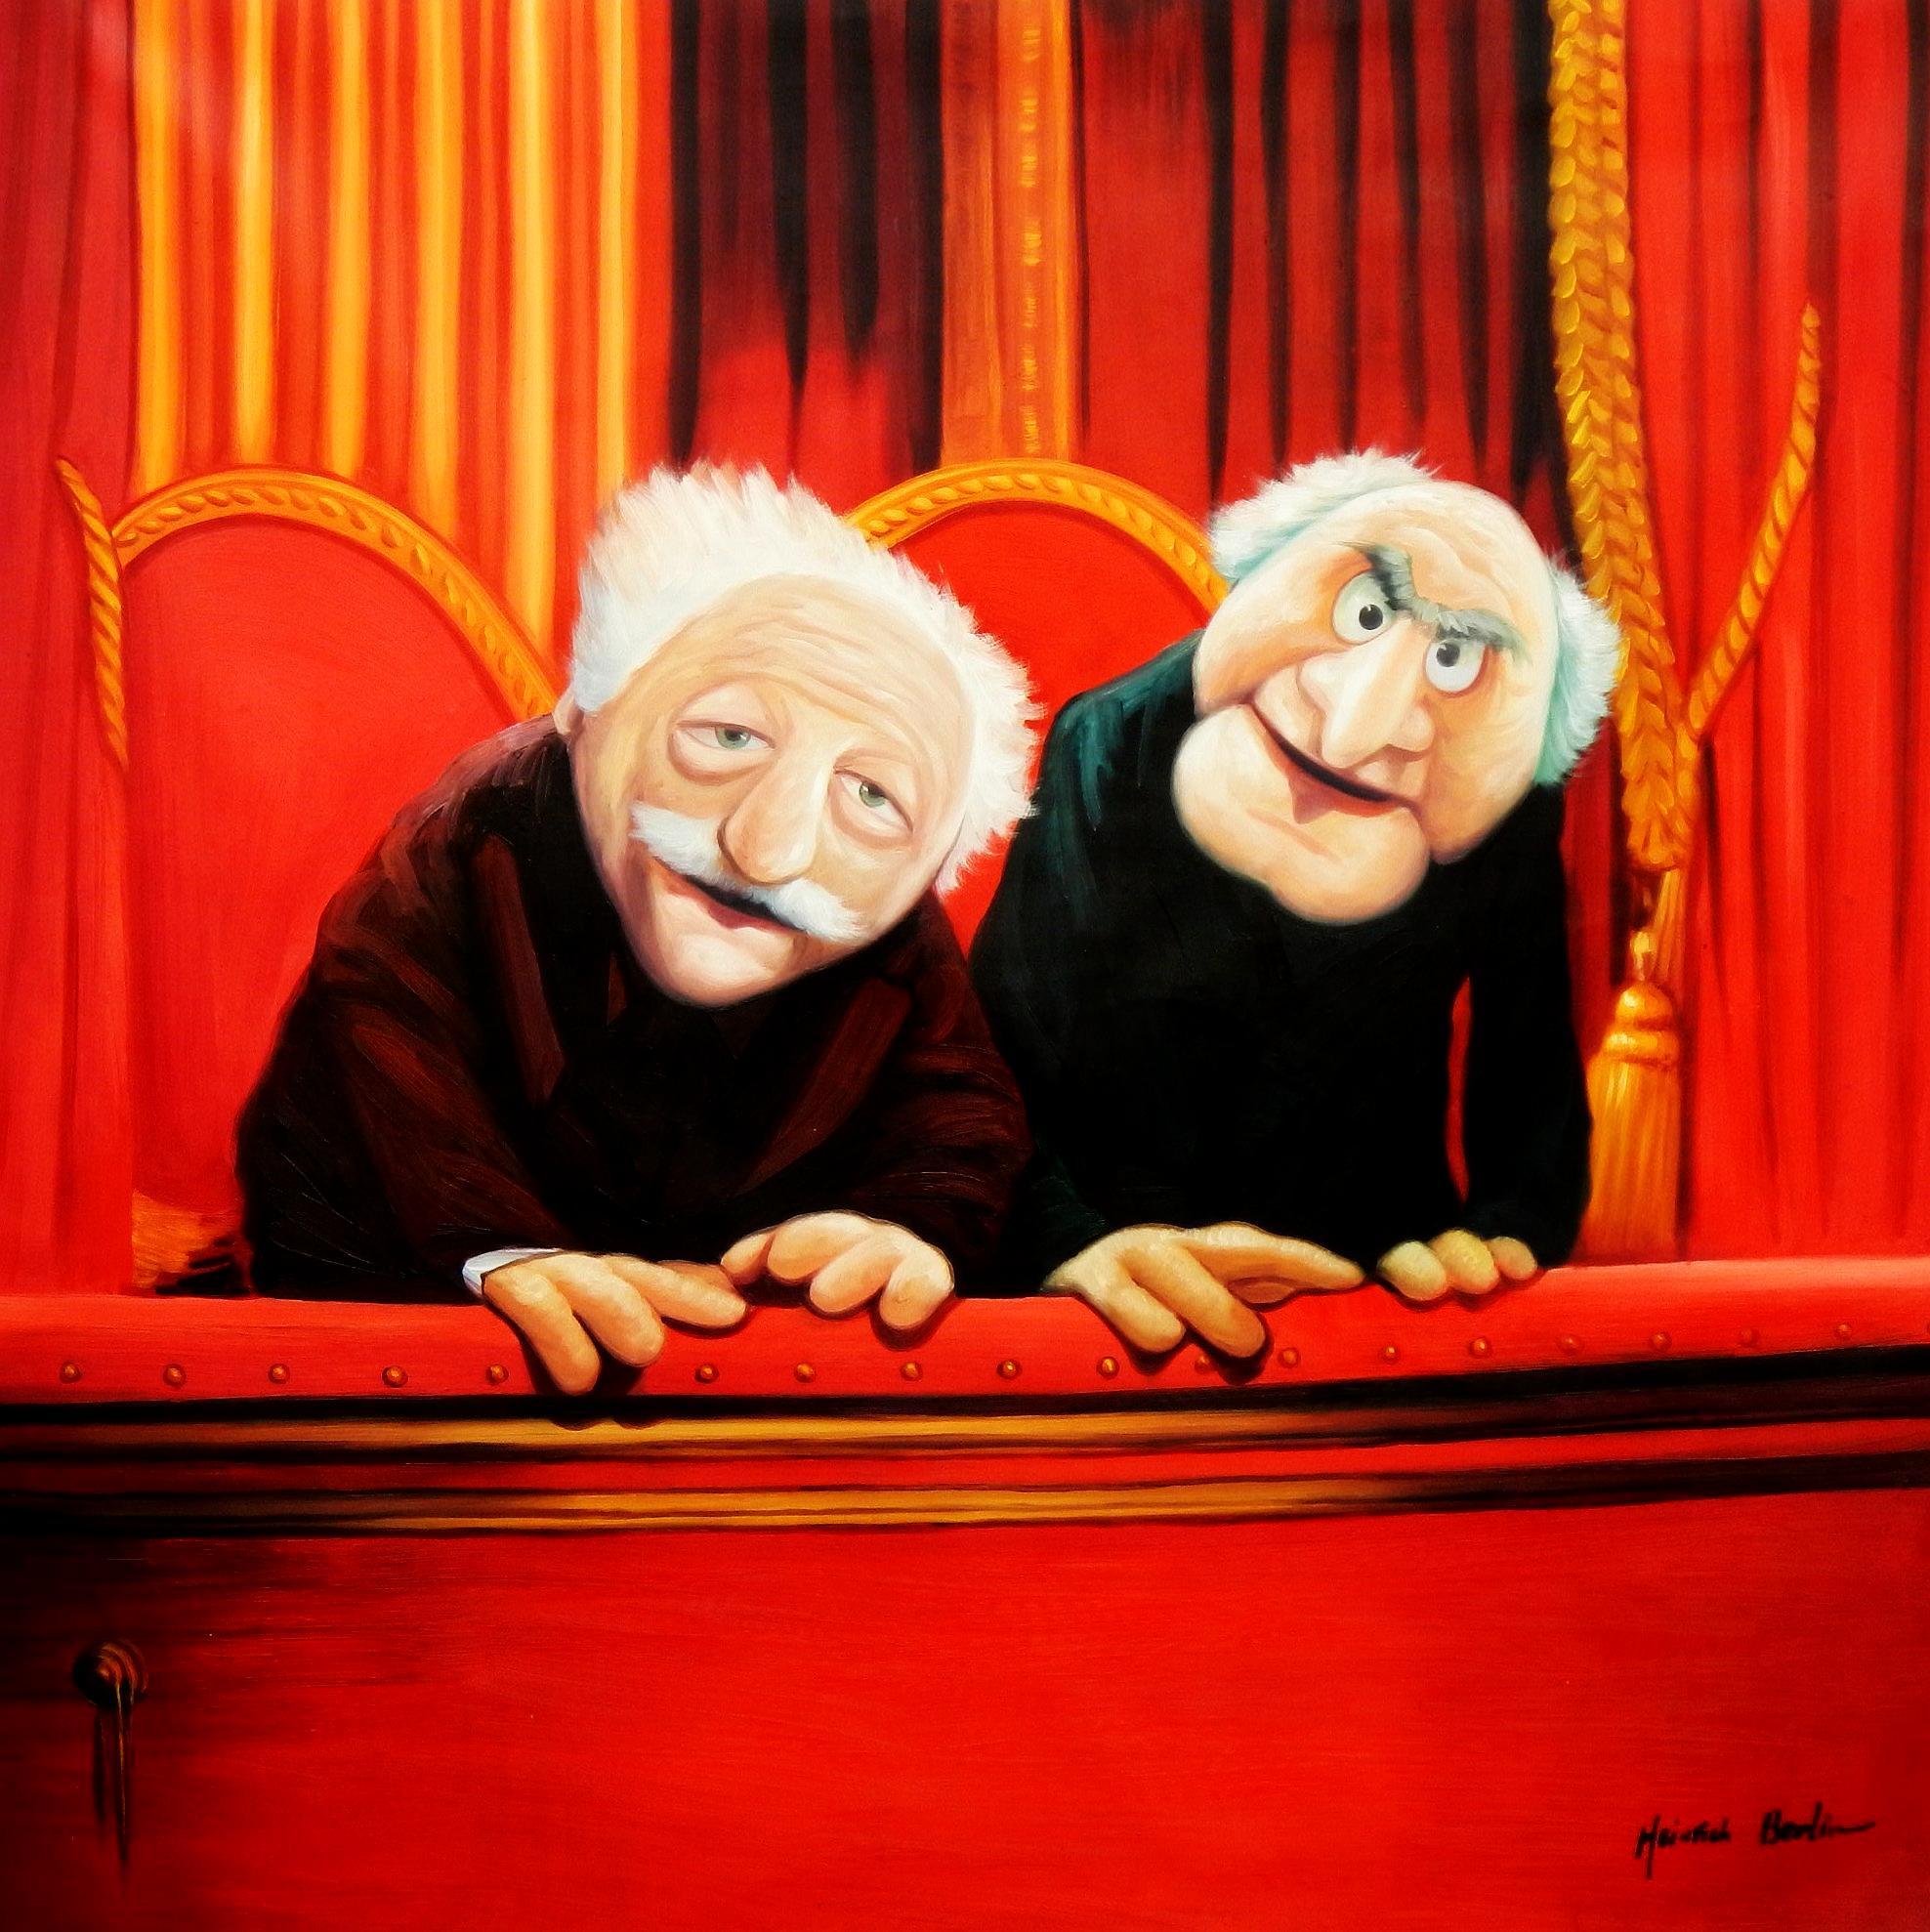 Muppet Opas Waldorf & Statler Pop Art m94725 120x120cm großartiges Ölbild